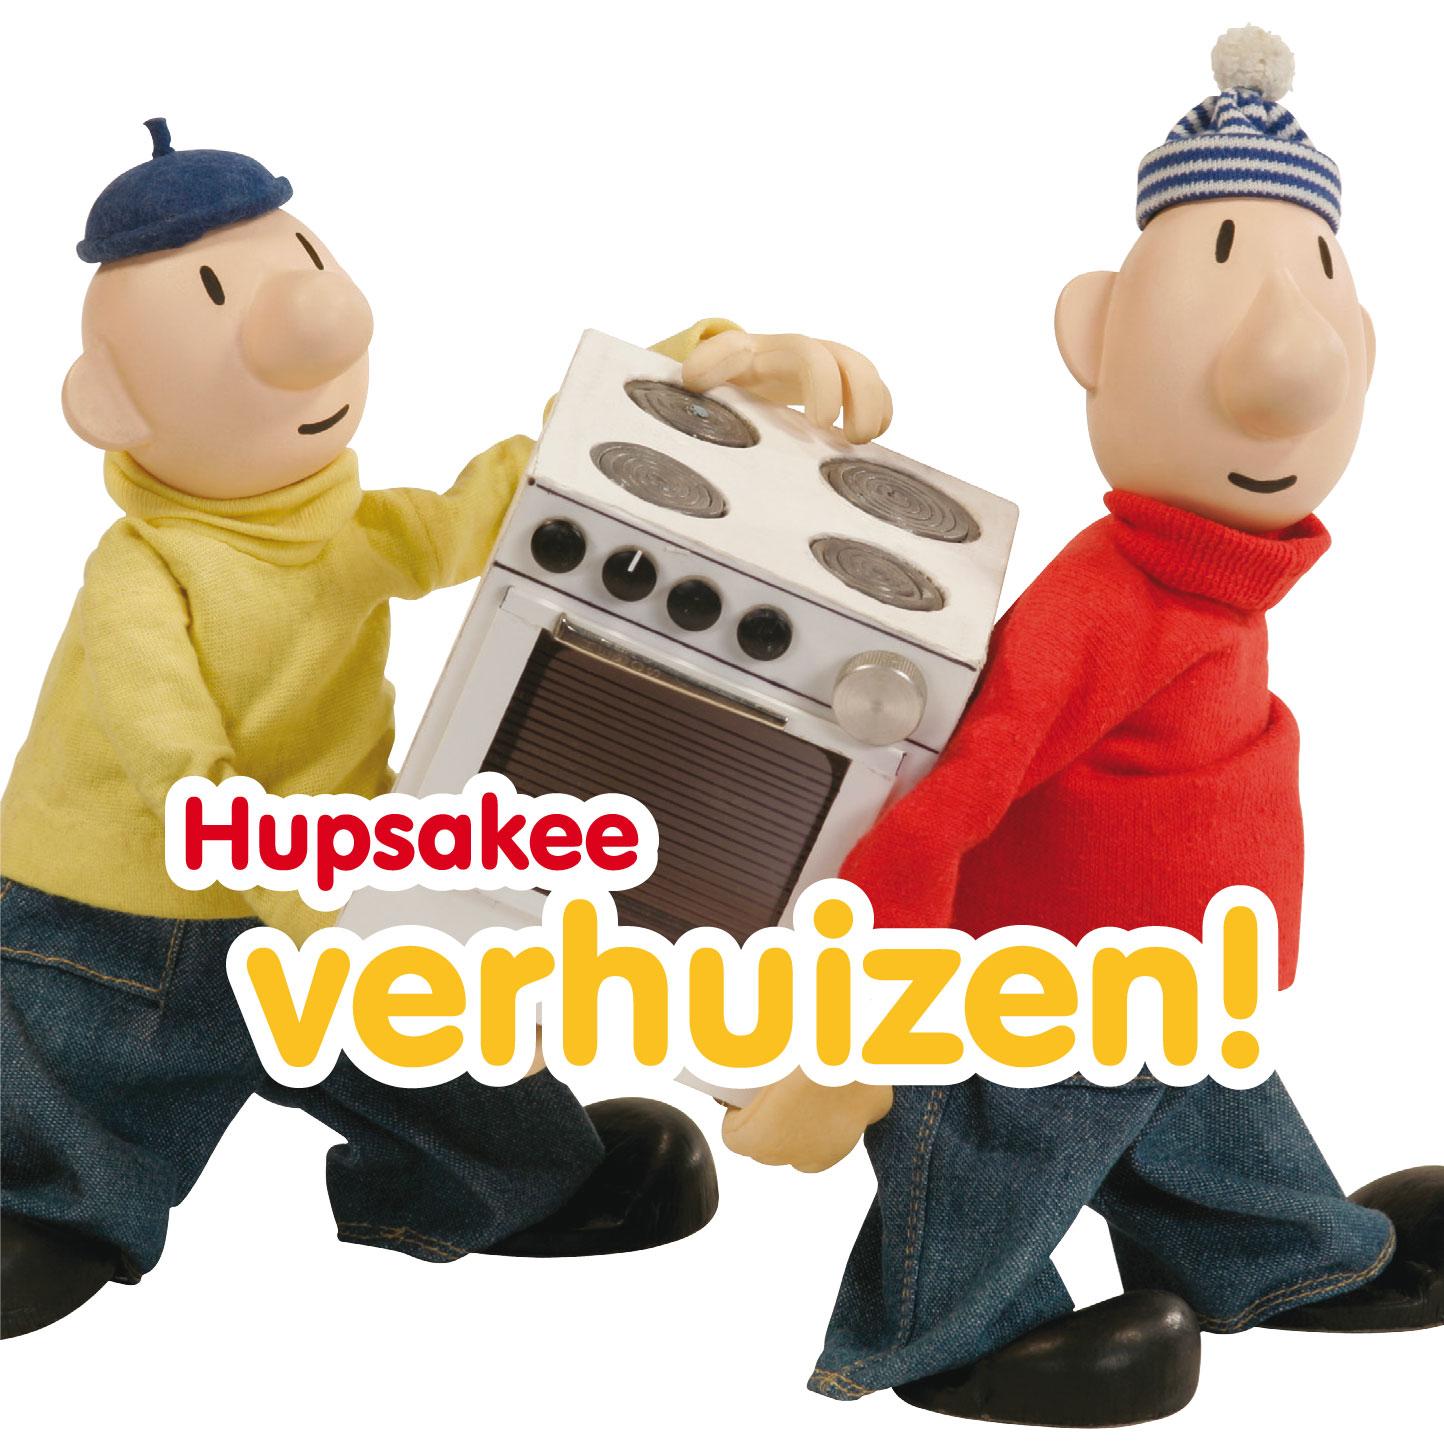 http://www.hardware-deals.nl/B%26B2013/HupsakeeVerhuizen.jpg